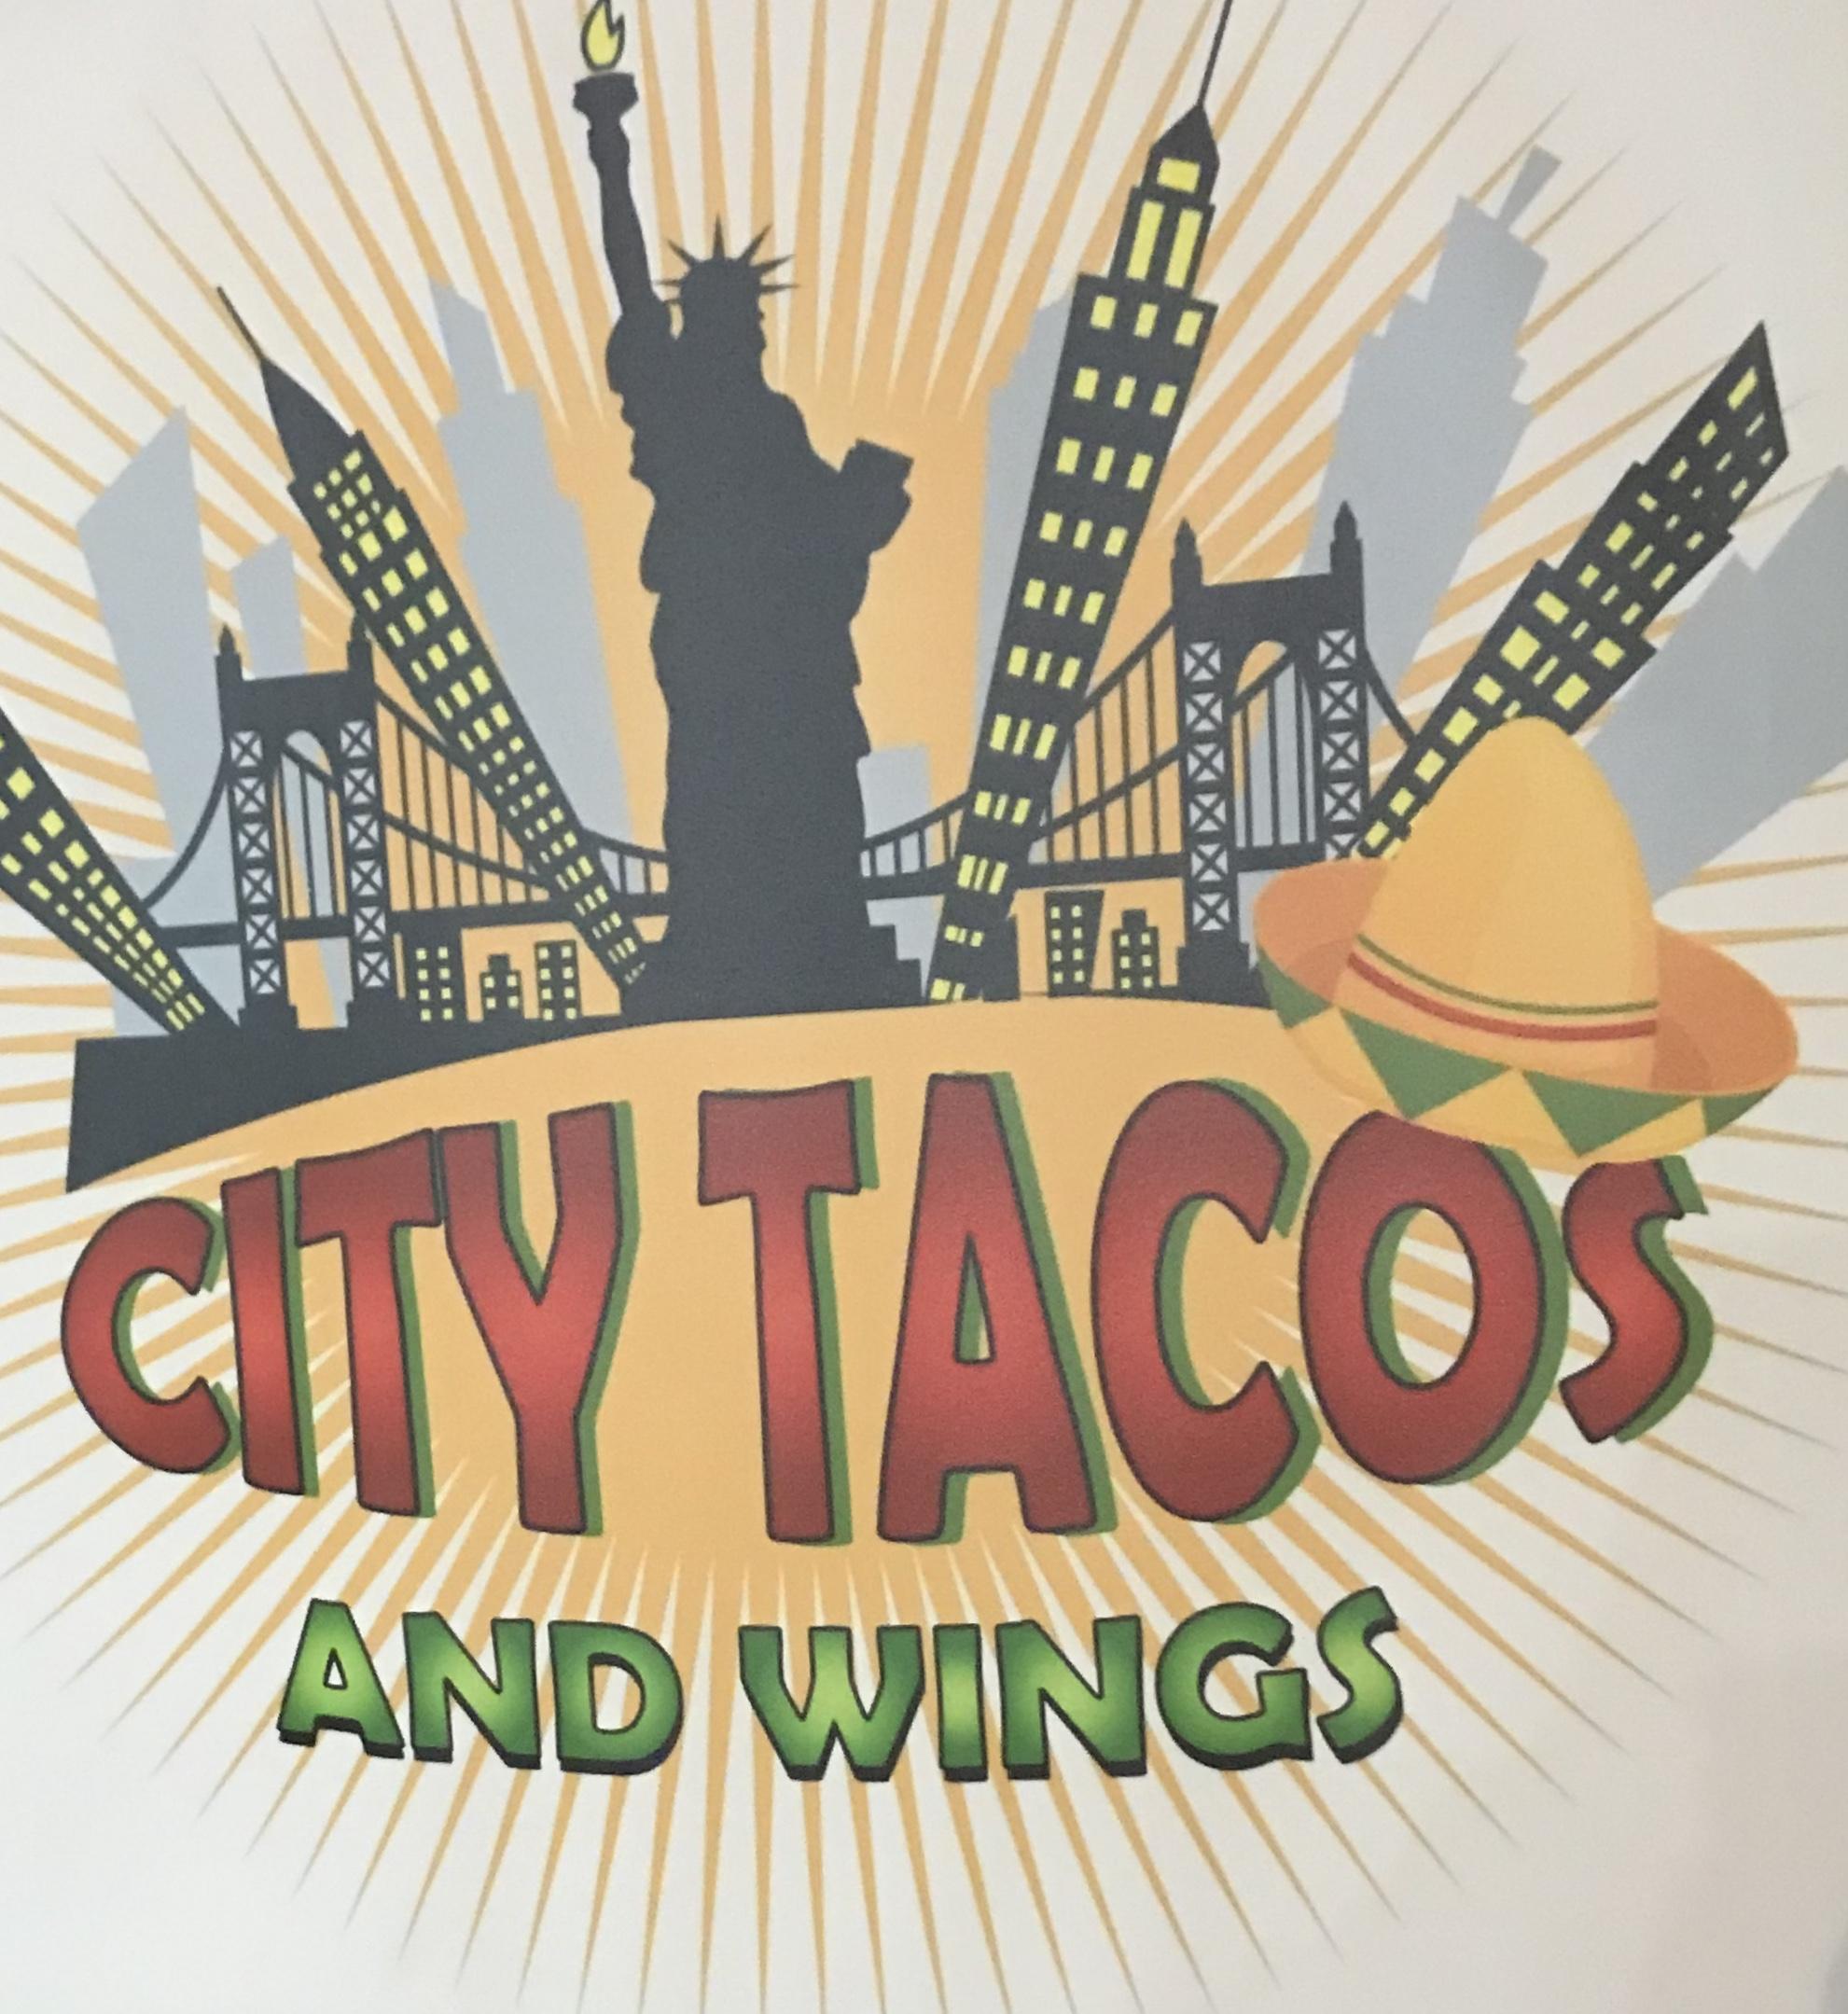 City Tacos Logo